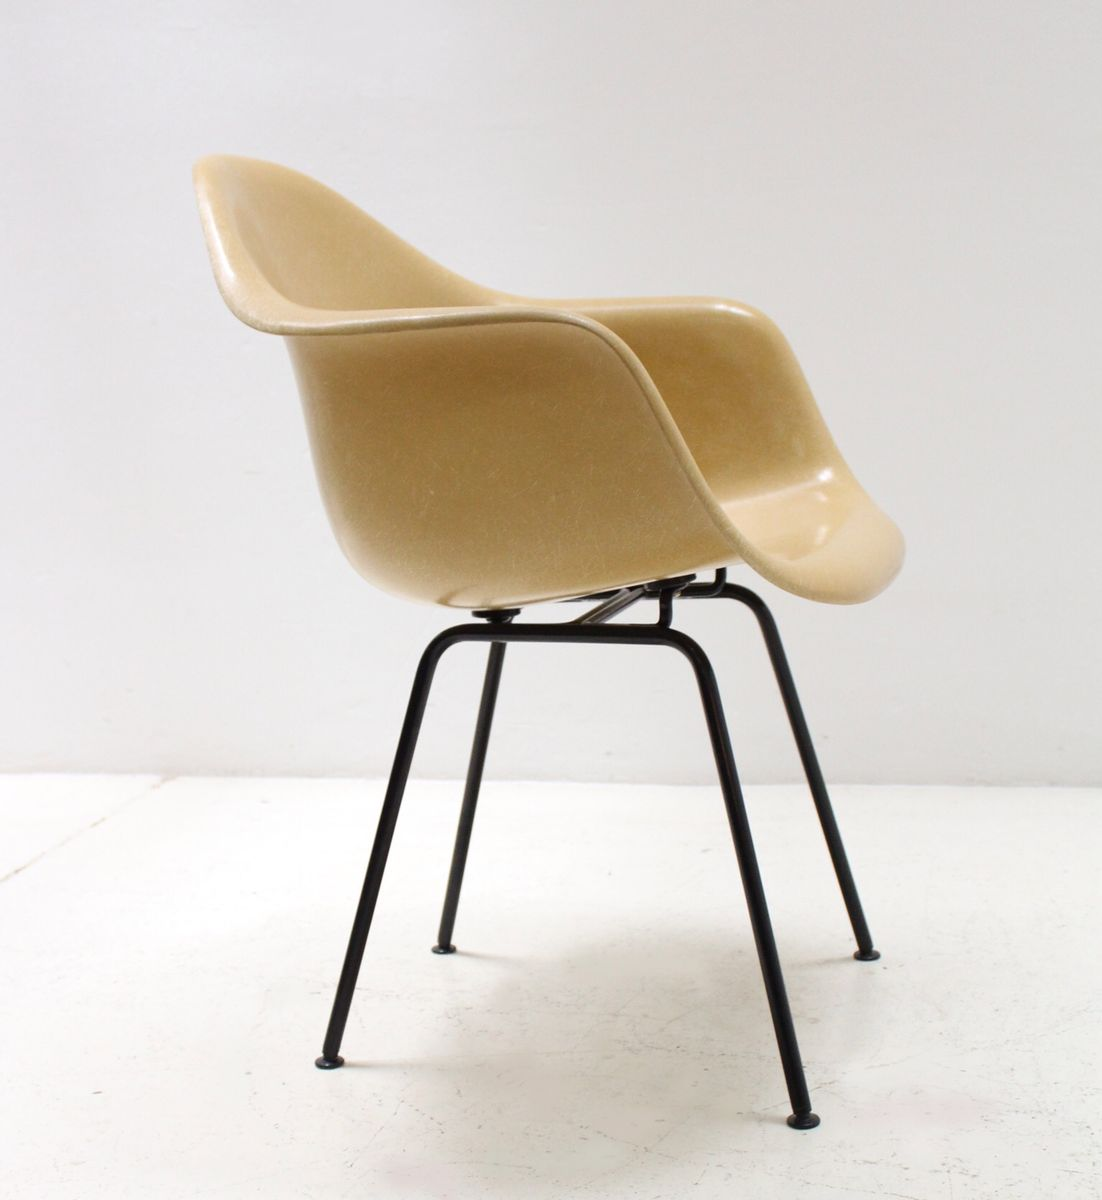 fauteuil moutarde en fibre de verre par charles ray